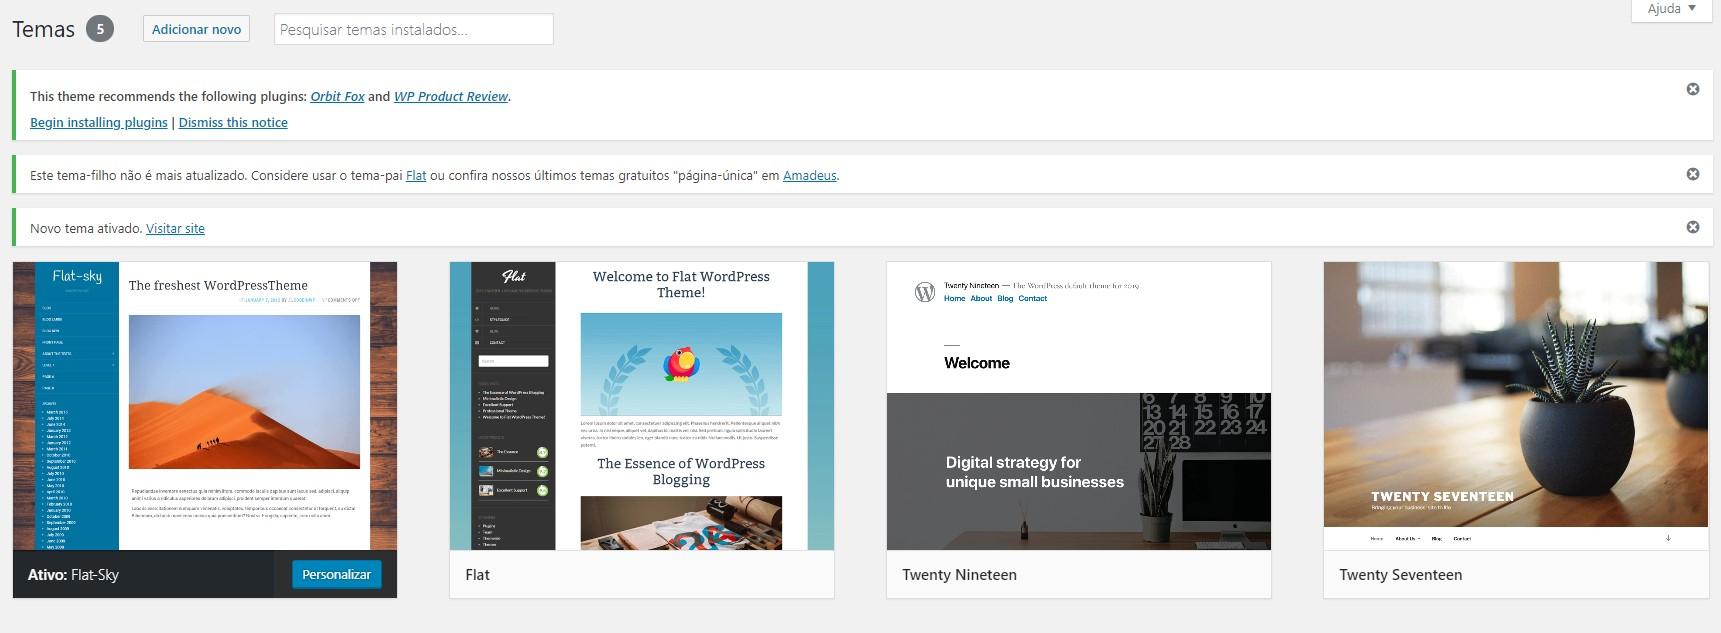 Novo tema instalado no WordPress